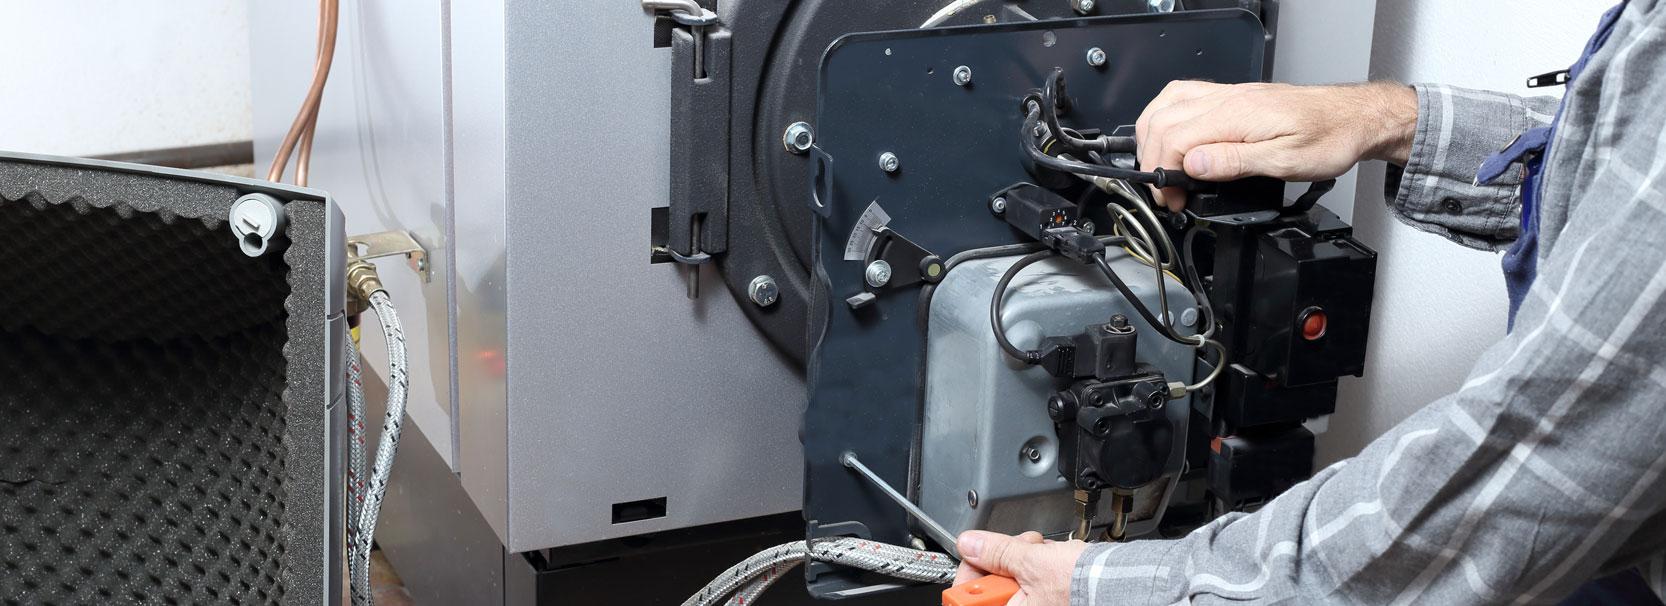 Service/Reparatur/ Wartung von Ölbrenner/Pelletbrenner